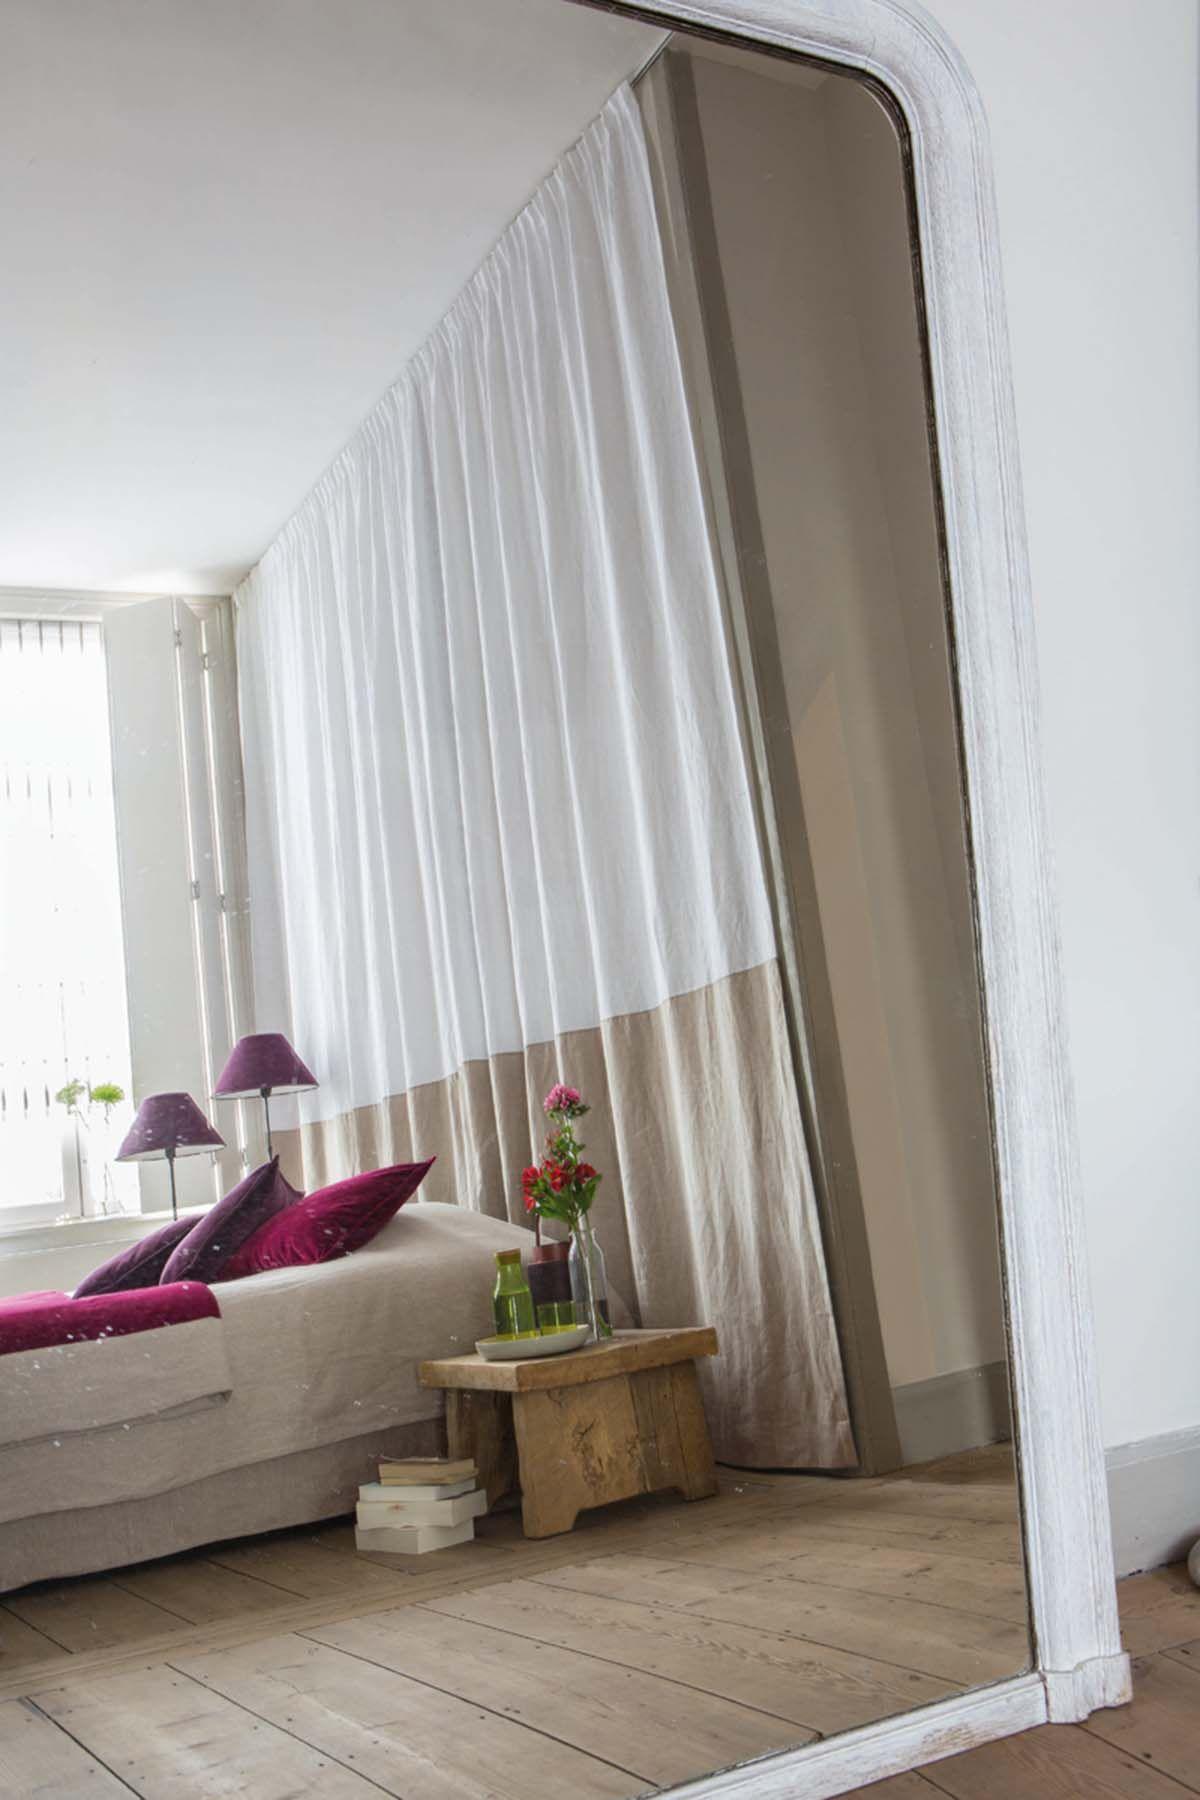 Ameublement décoration d'une chambre, svp, besoin vraiment d'aide 590e78d72f7f8526c8bf77b093ed9e61